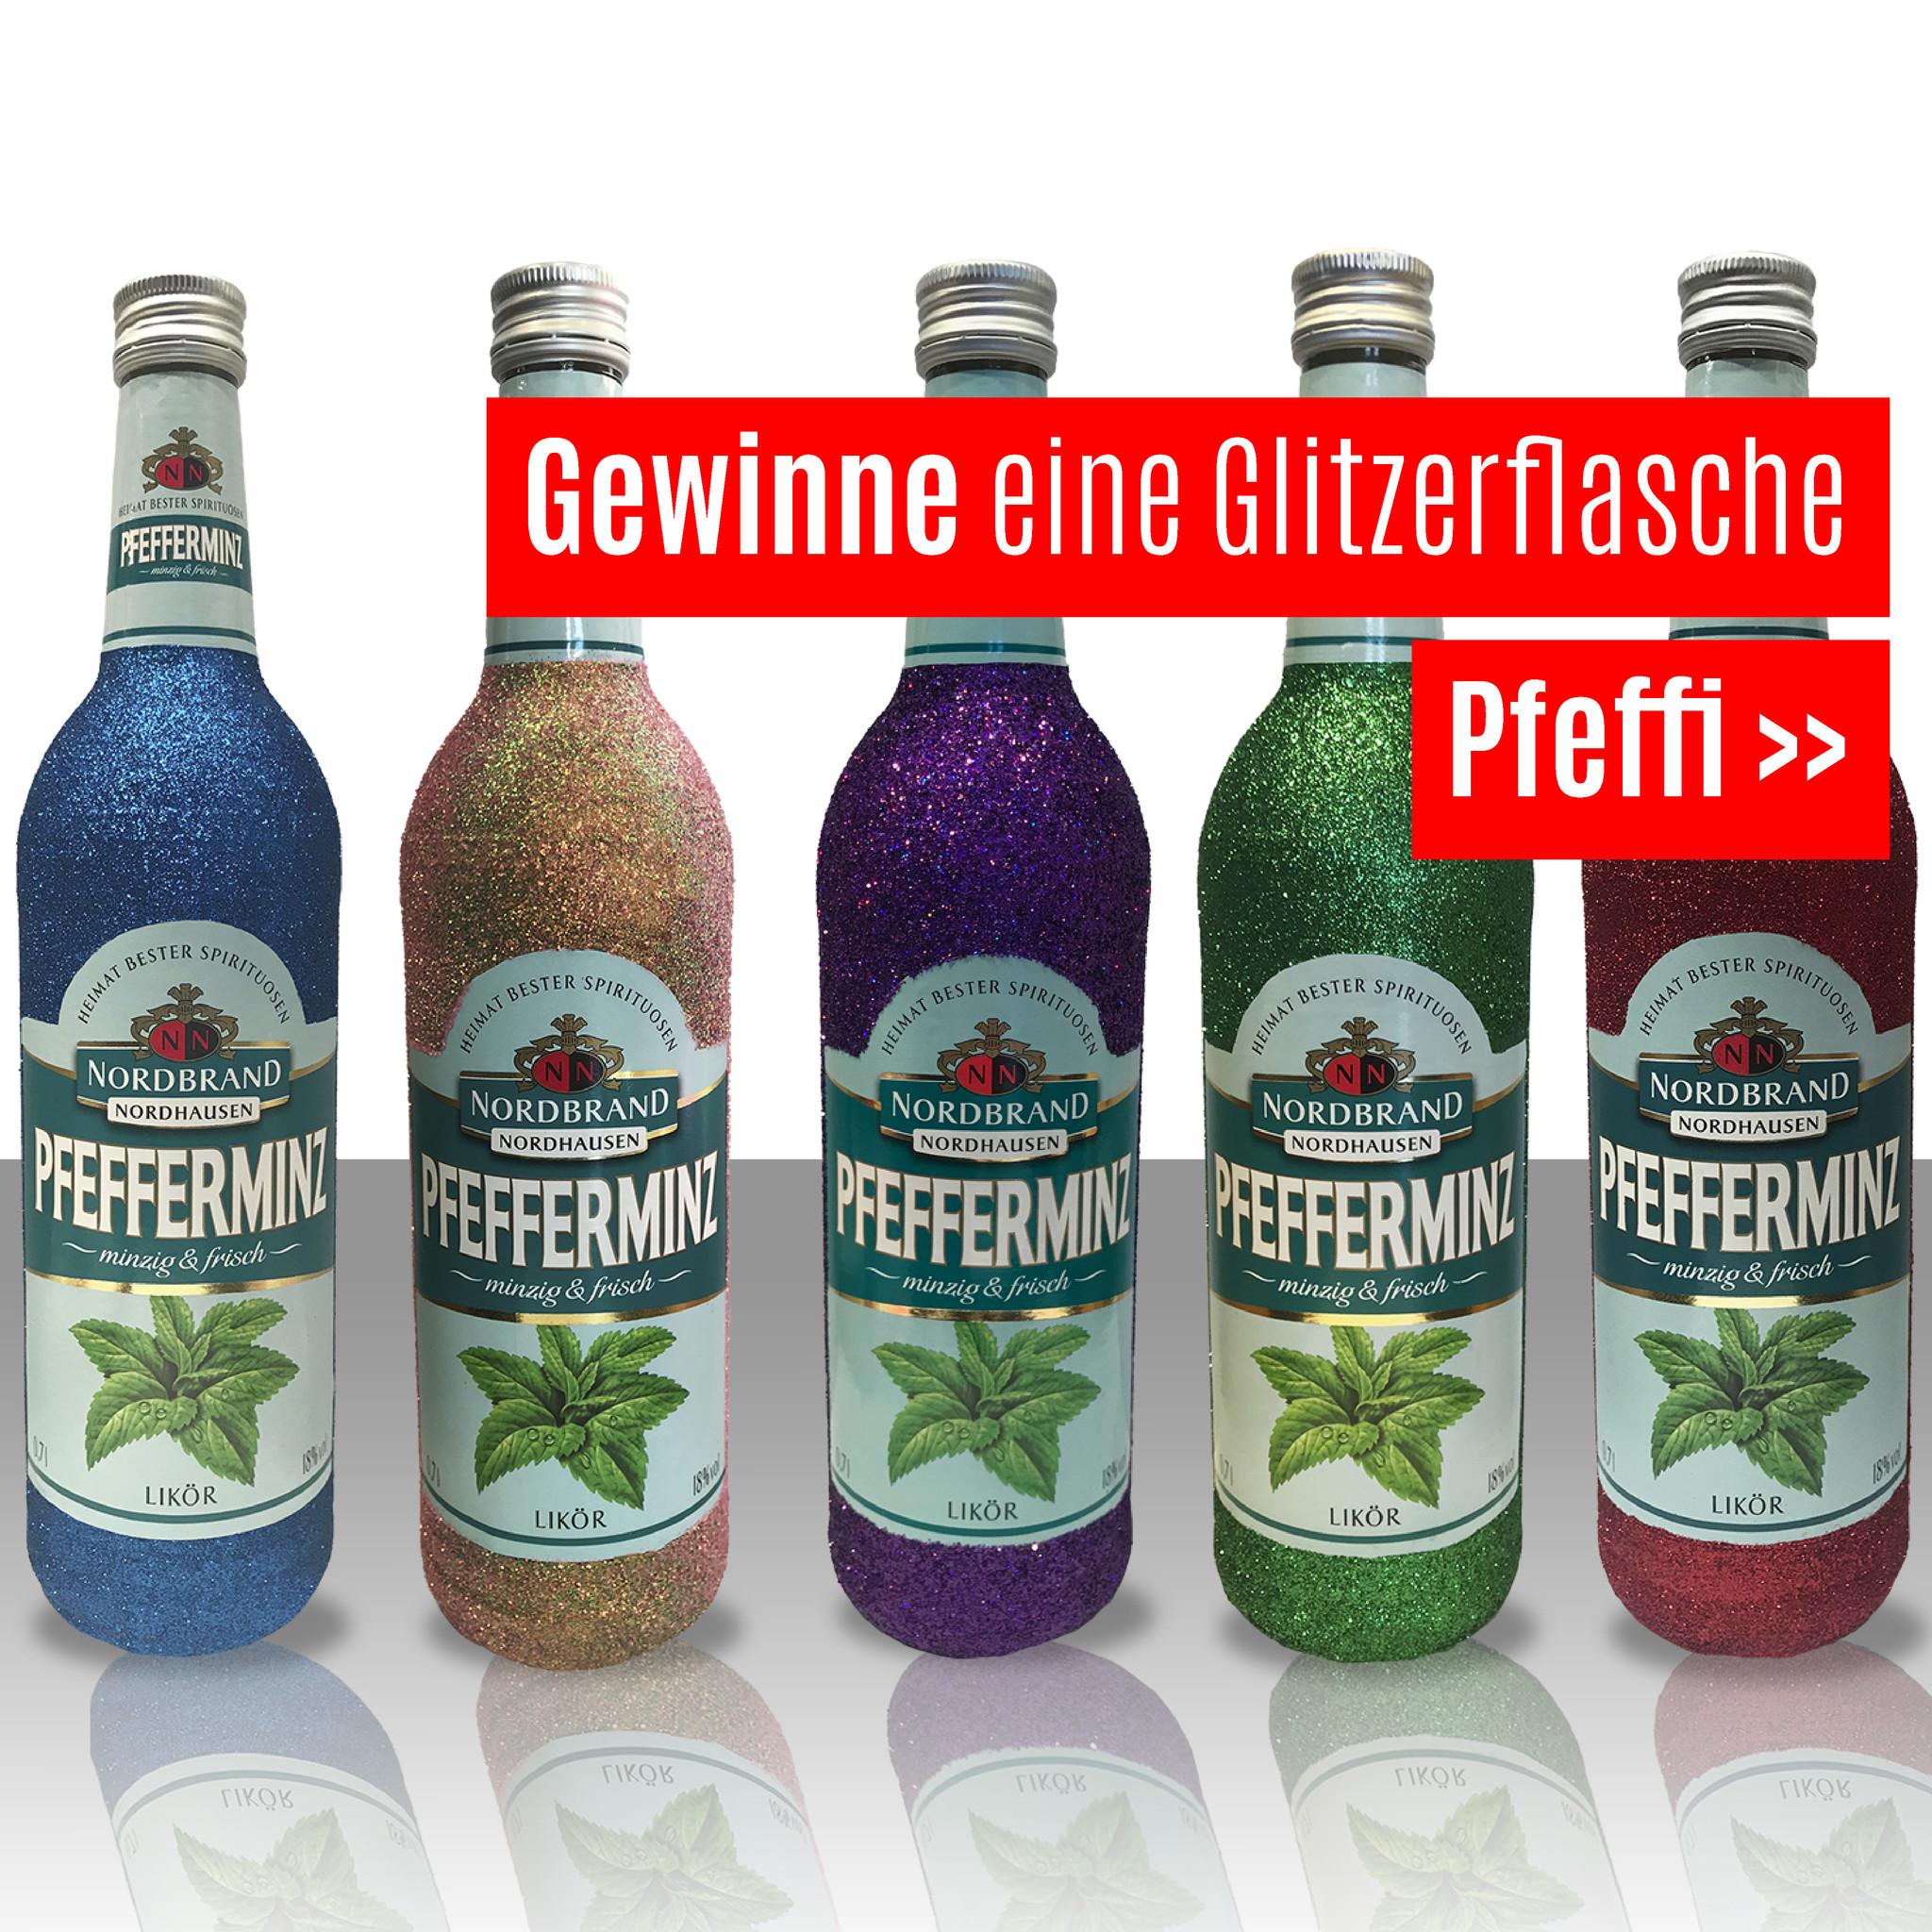 Instagram Gewinnspiel Glitzer PFEFFI !! GEWINNE!!! Glitzer !!!! Glitzerflasche !!!